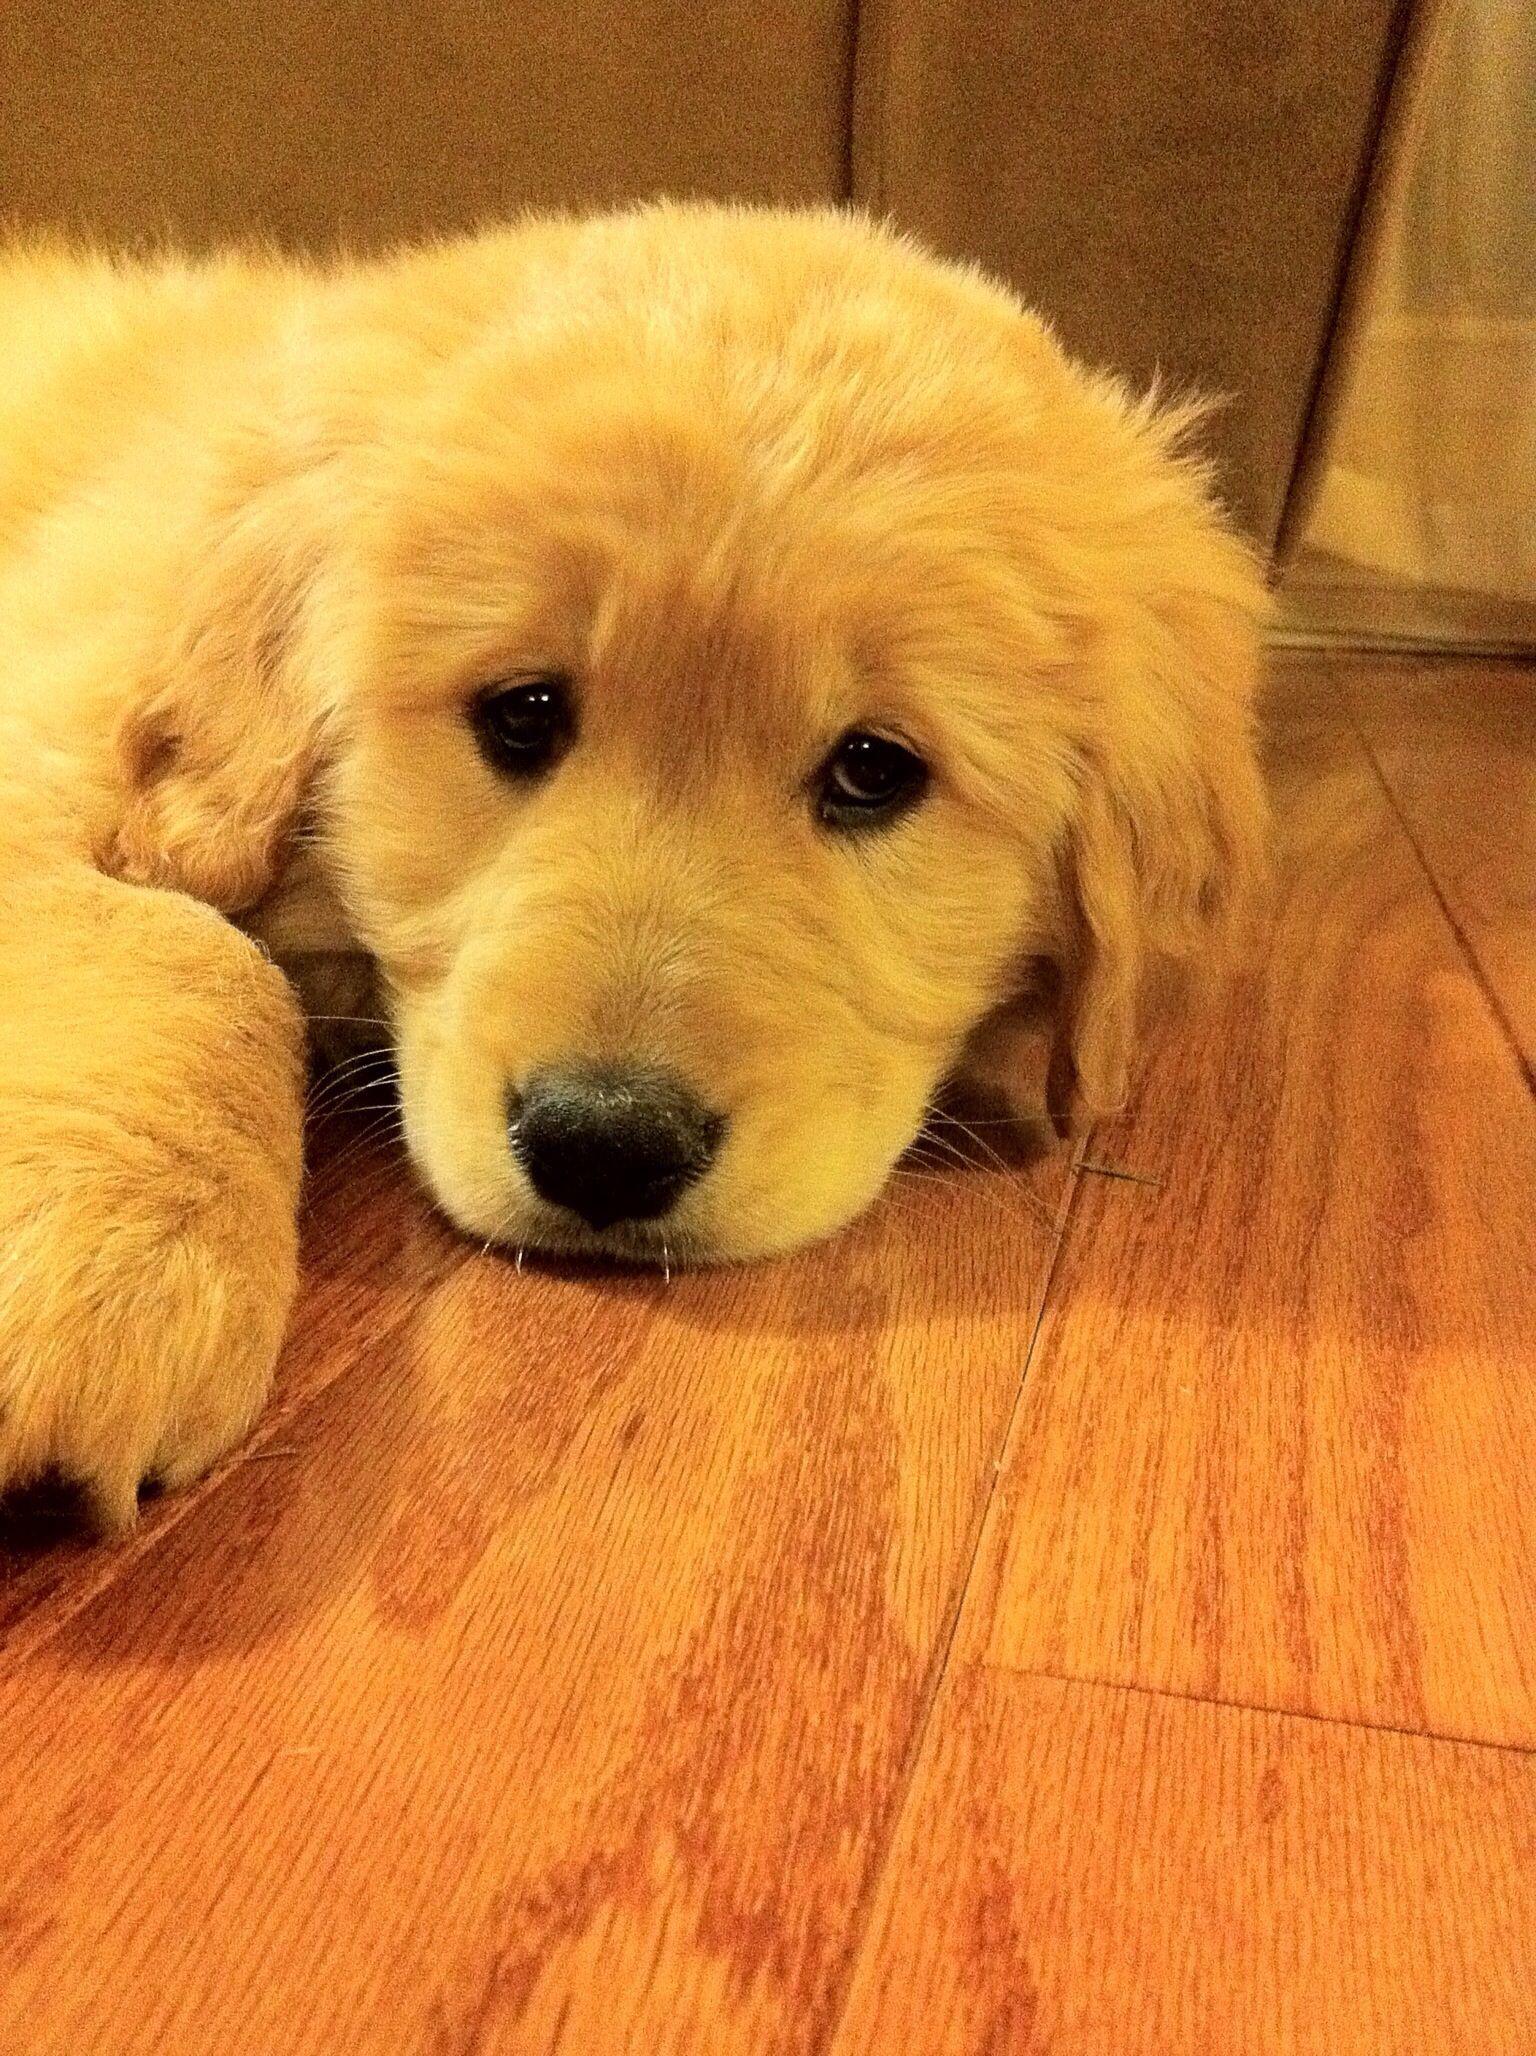 Puppy golden